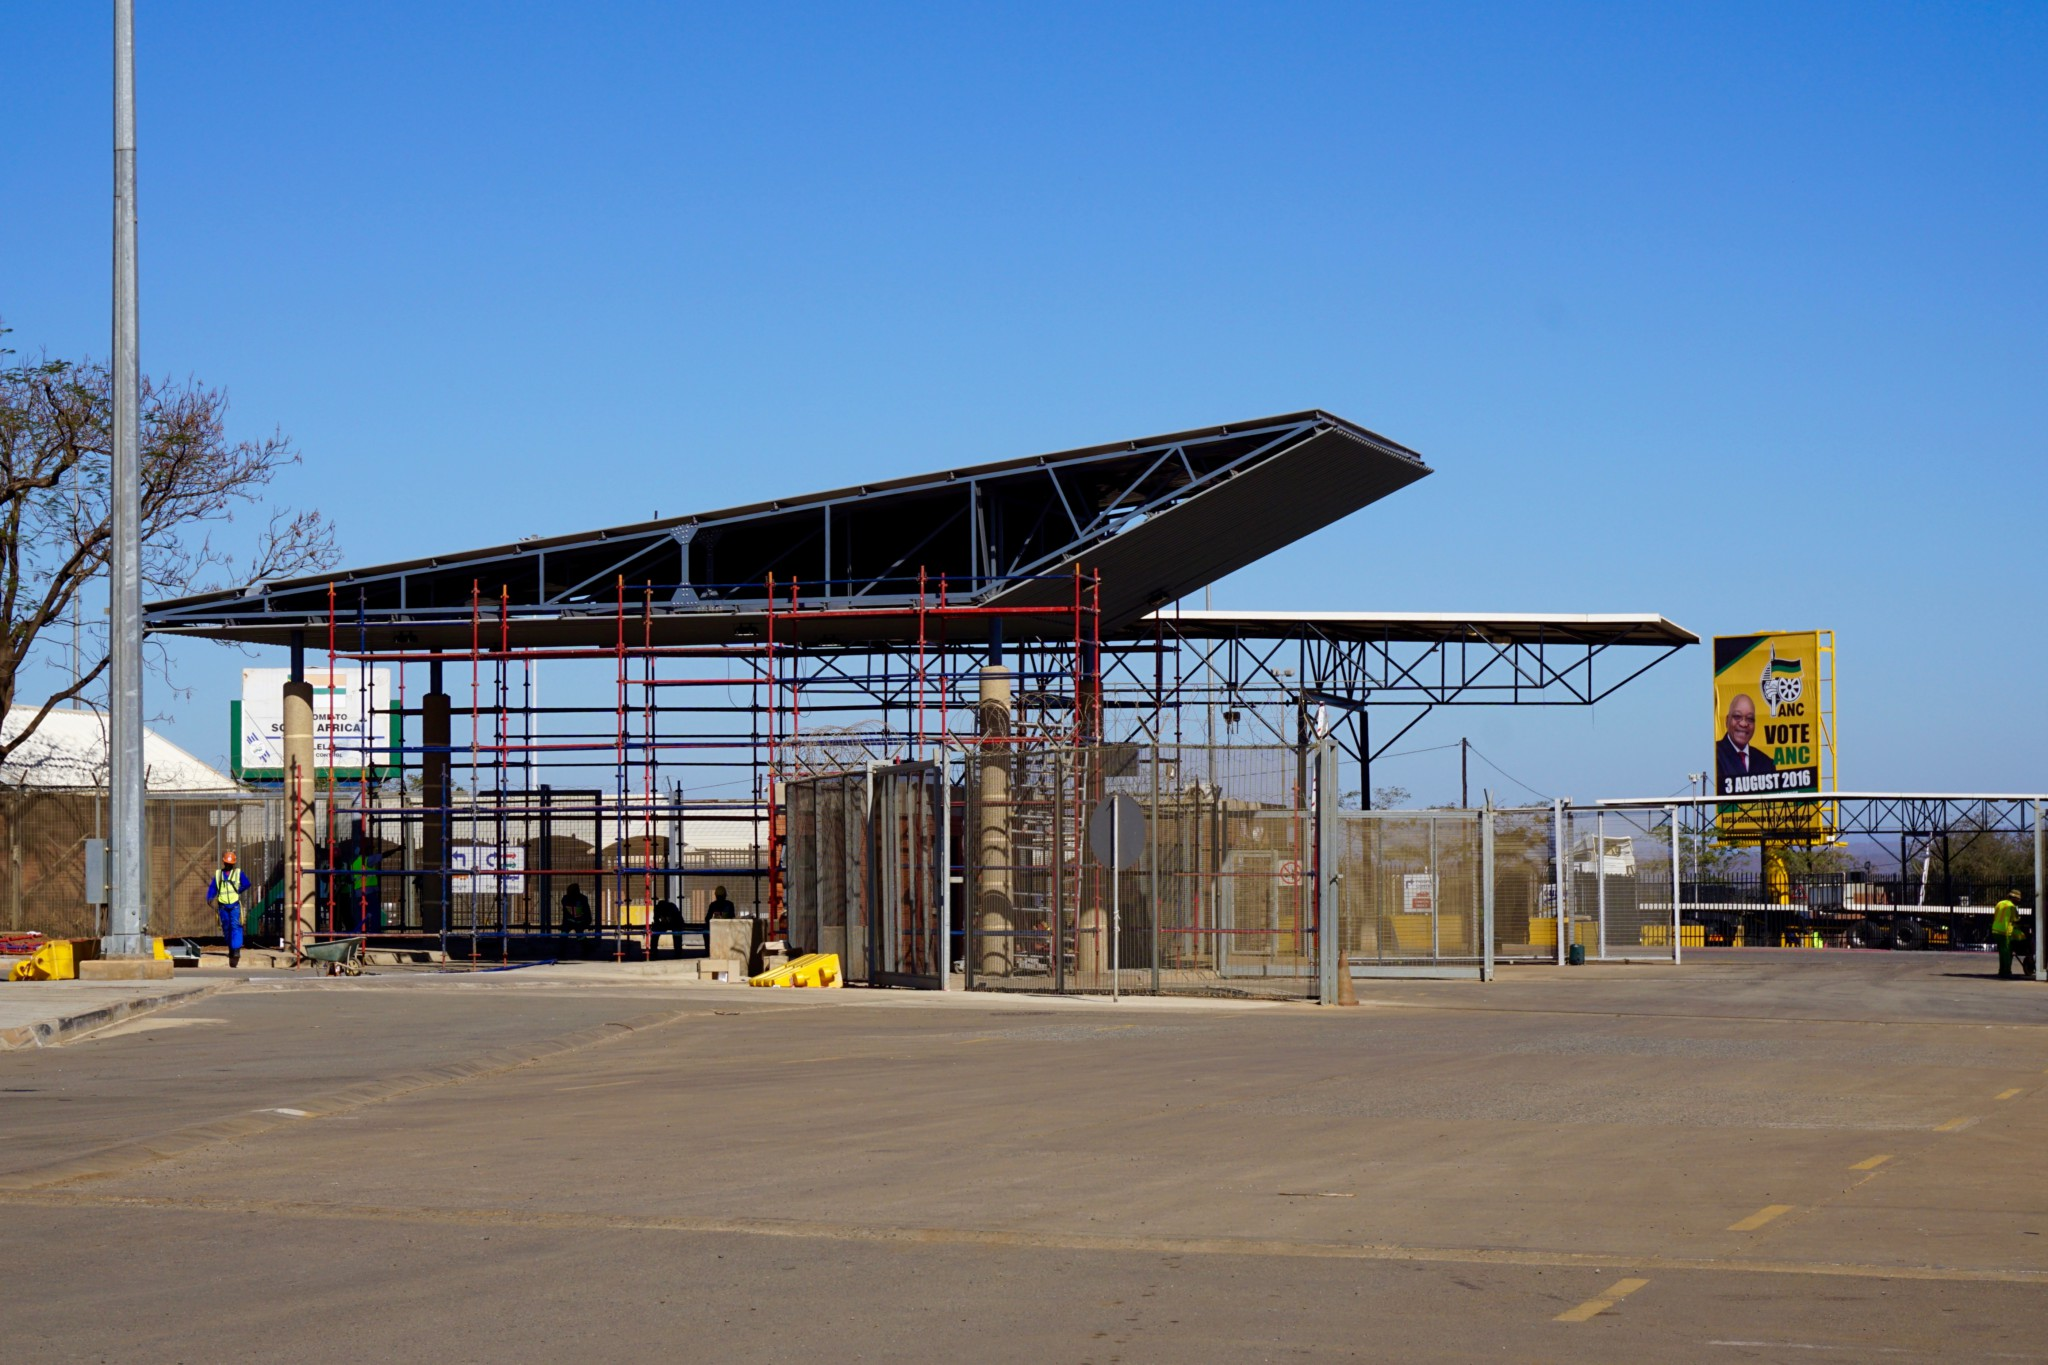 Grenzübergang von Swaziland nach Südafrika